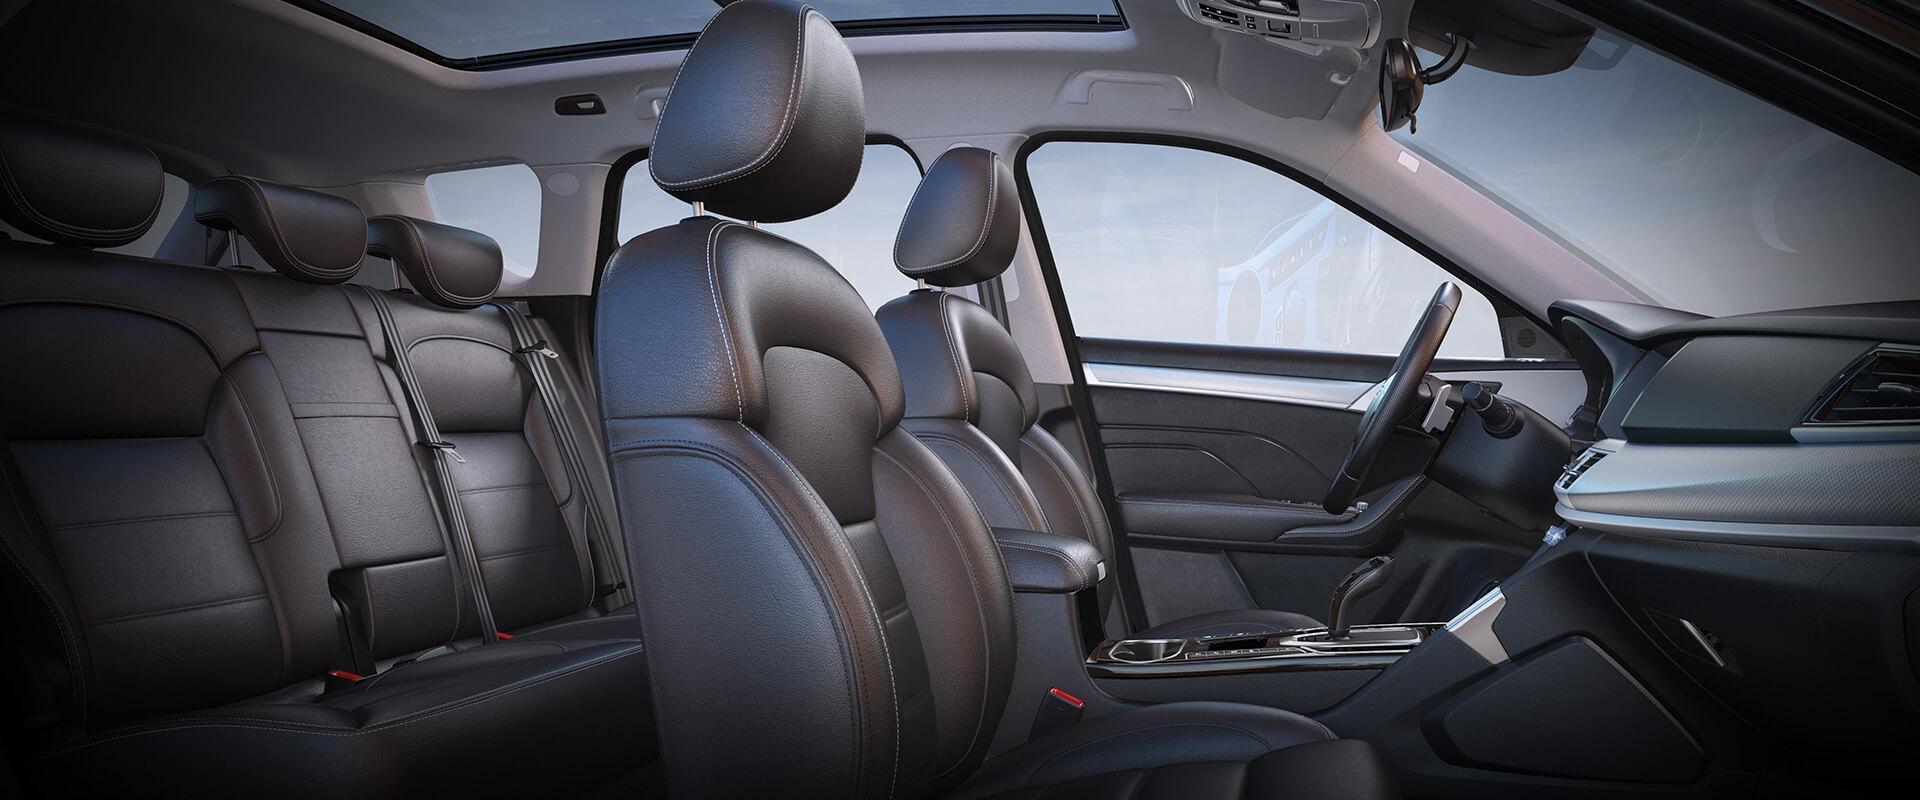 新年选新车,哈弗H7高安全更智能,为您打造幸福出行攻略